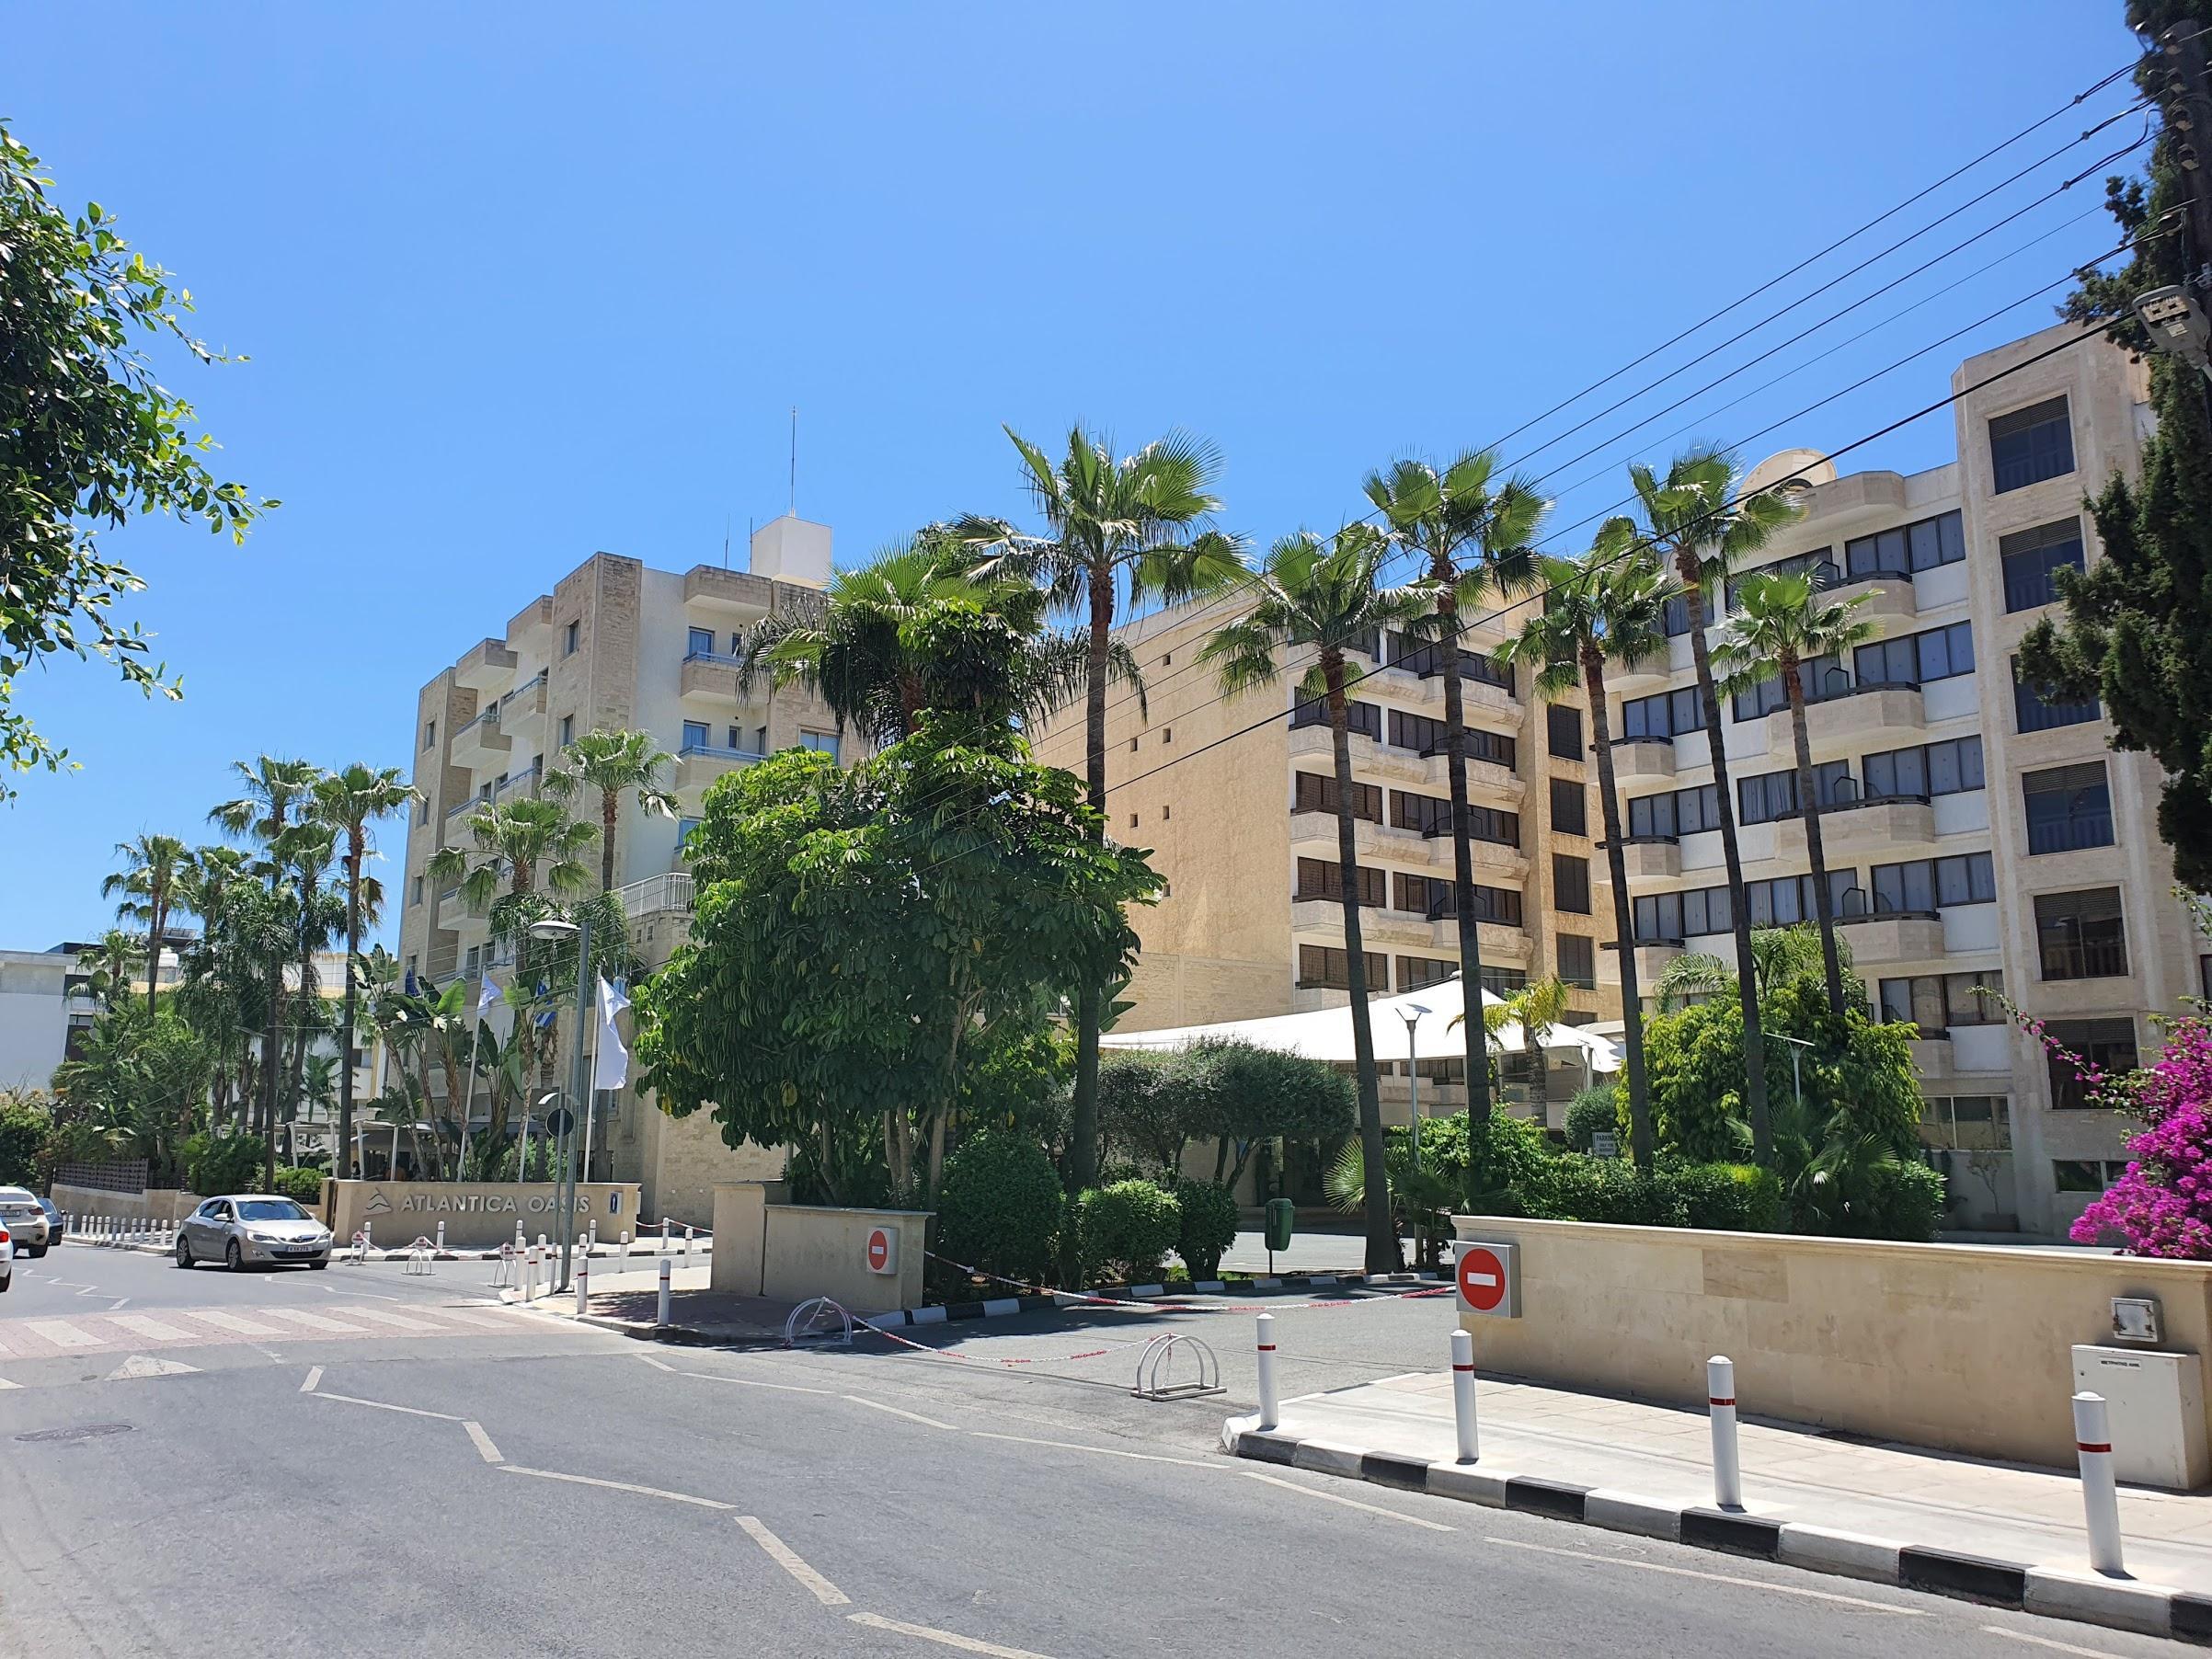 Кипр — лидер в ЕС по снижению цен на жильё